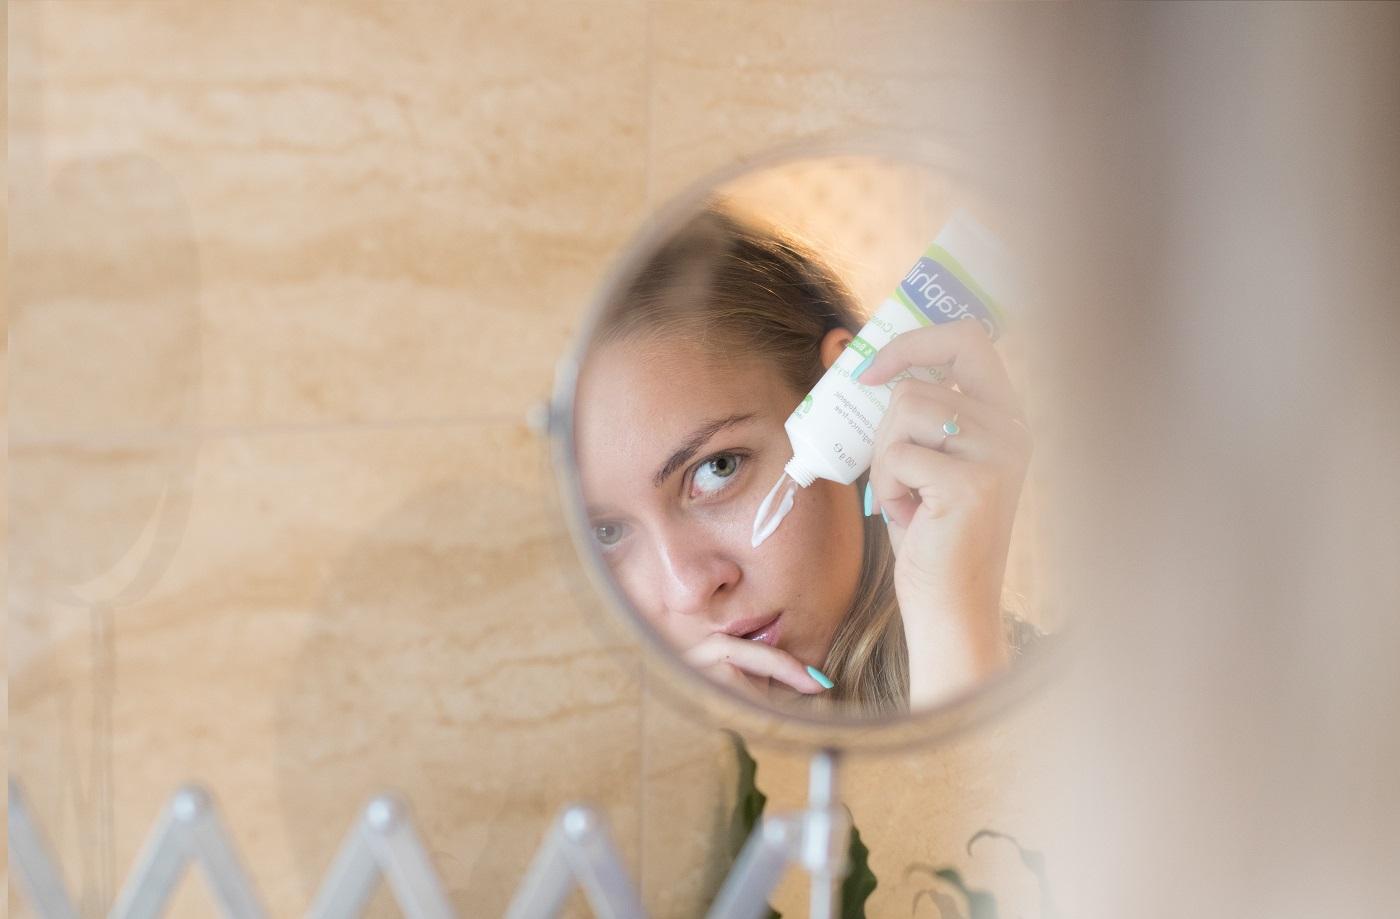 kezelheti a pikkelysmr távolítsa el a vörös foltokat az arcon a sebektől